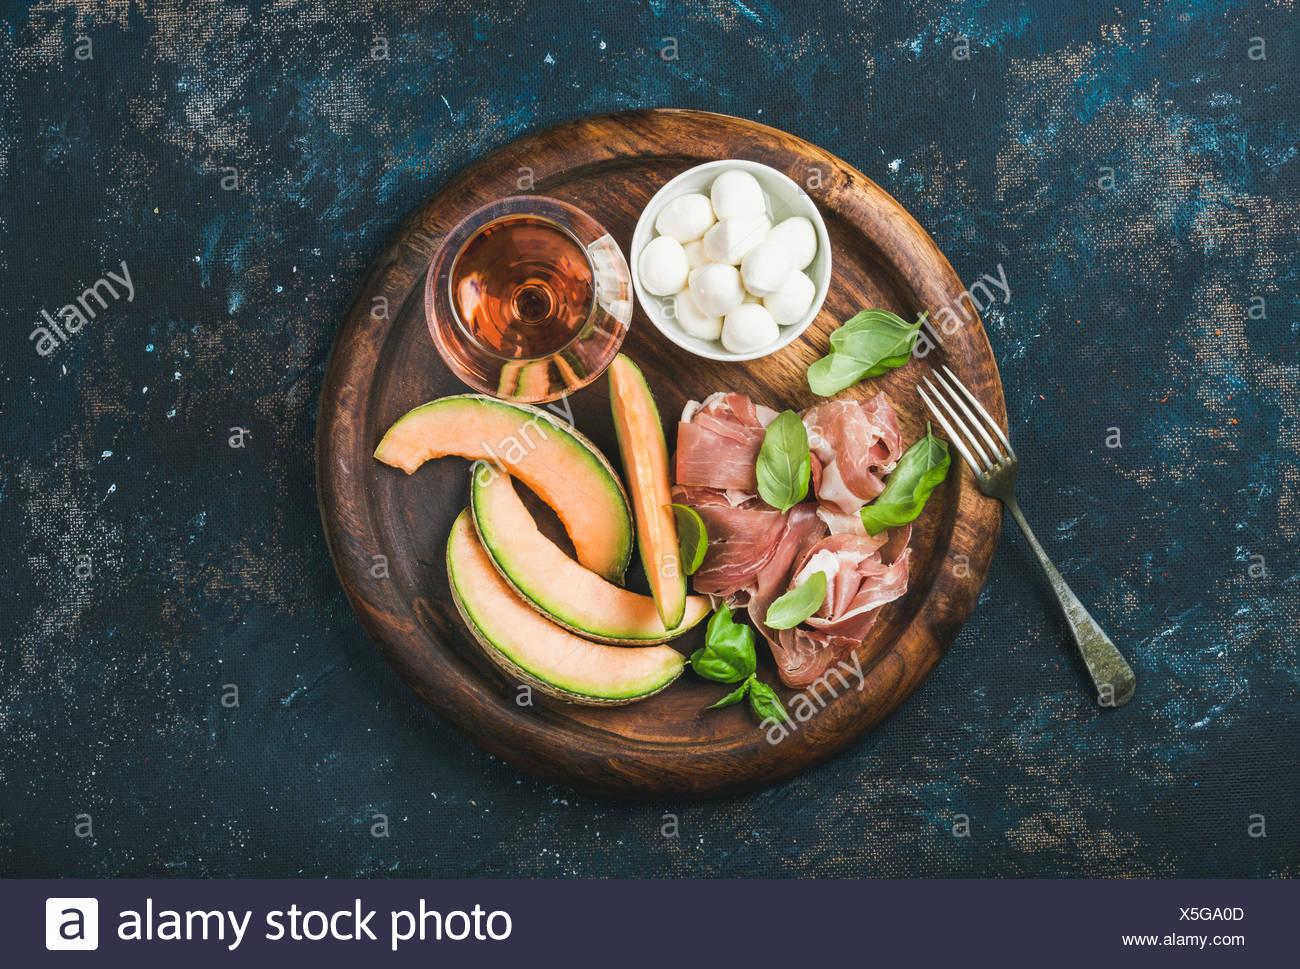 Prosciutto di Parma, Cantaloupe-Melone, Mozzarella-Käse in Schüssel geben, frische Basilikumblätter und Glas Rosé in Runde dienen tra Stockbild